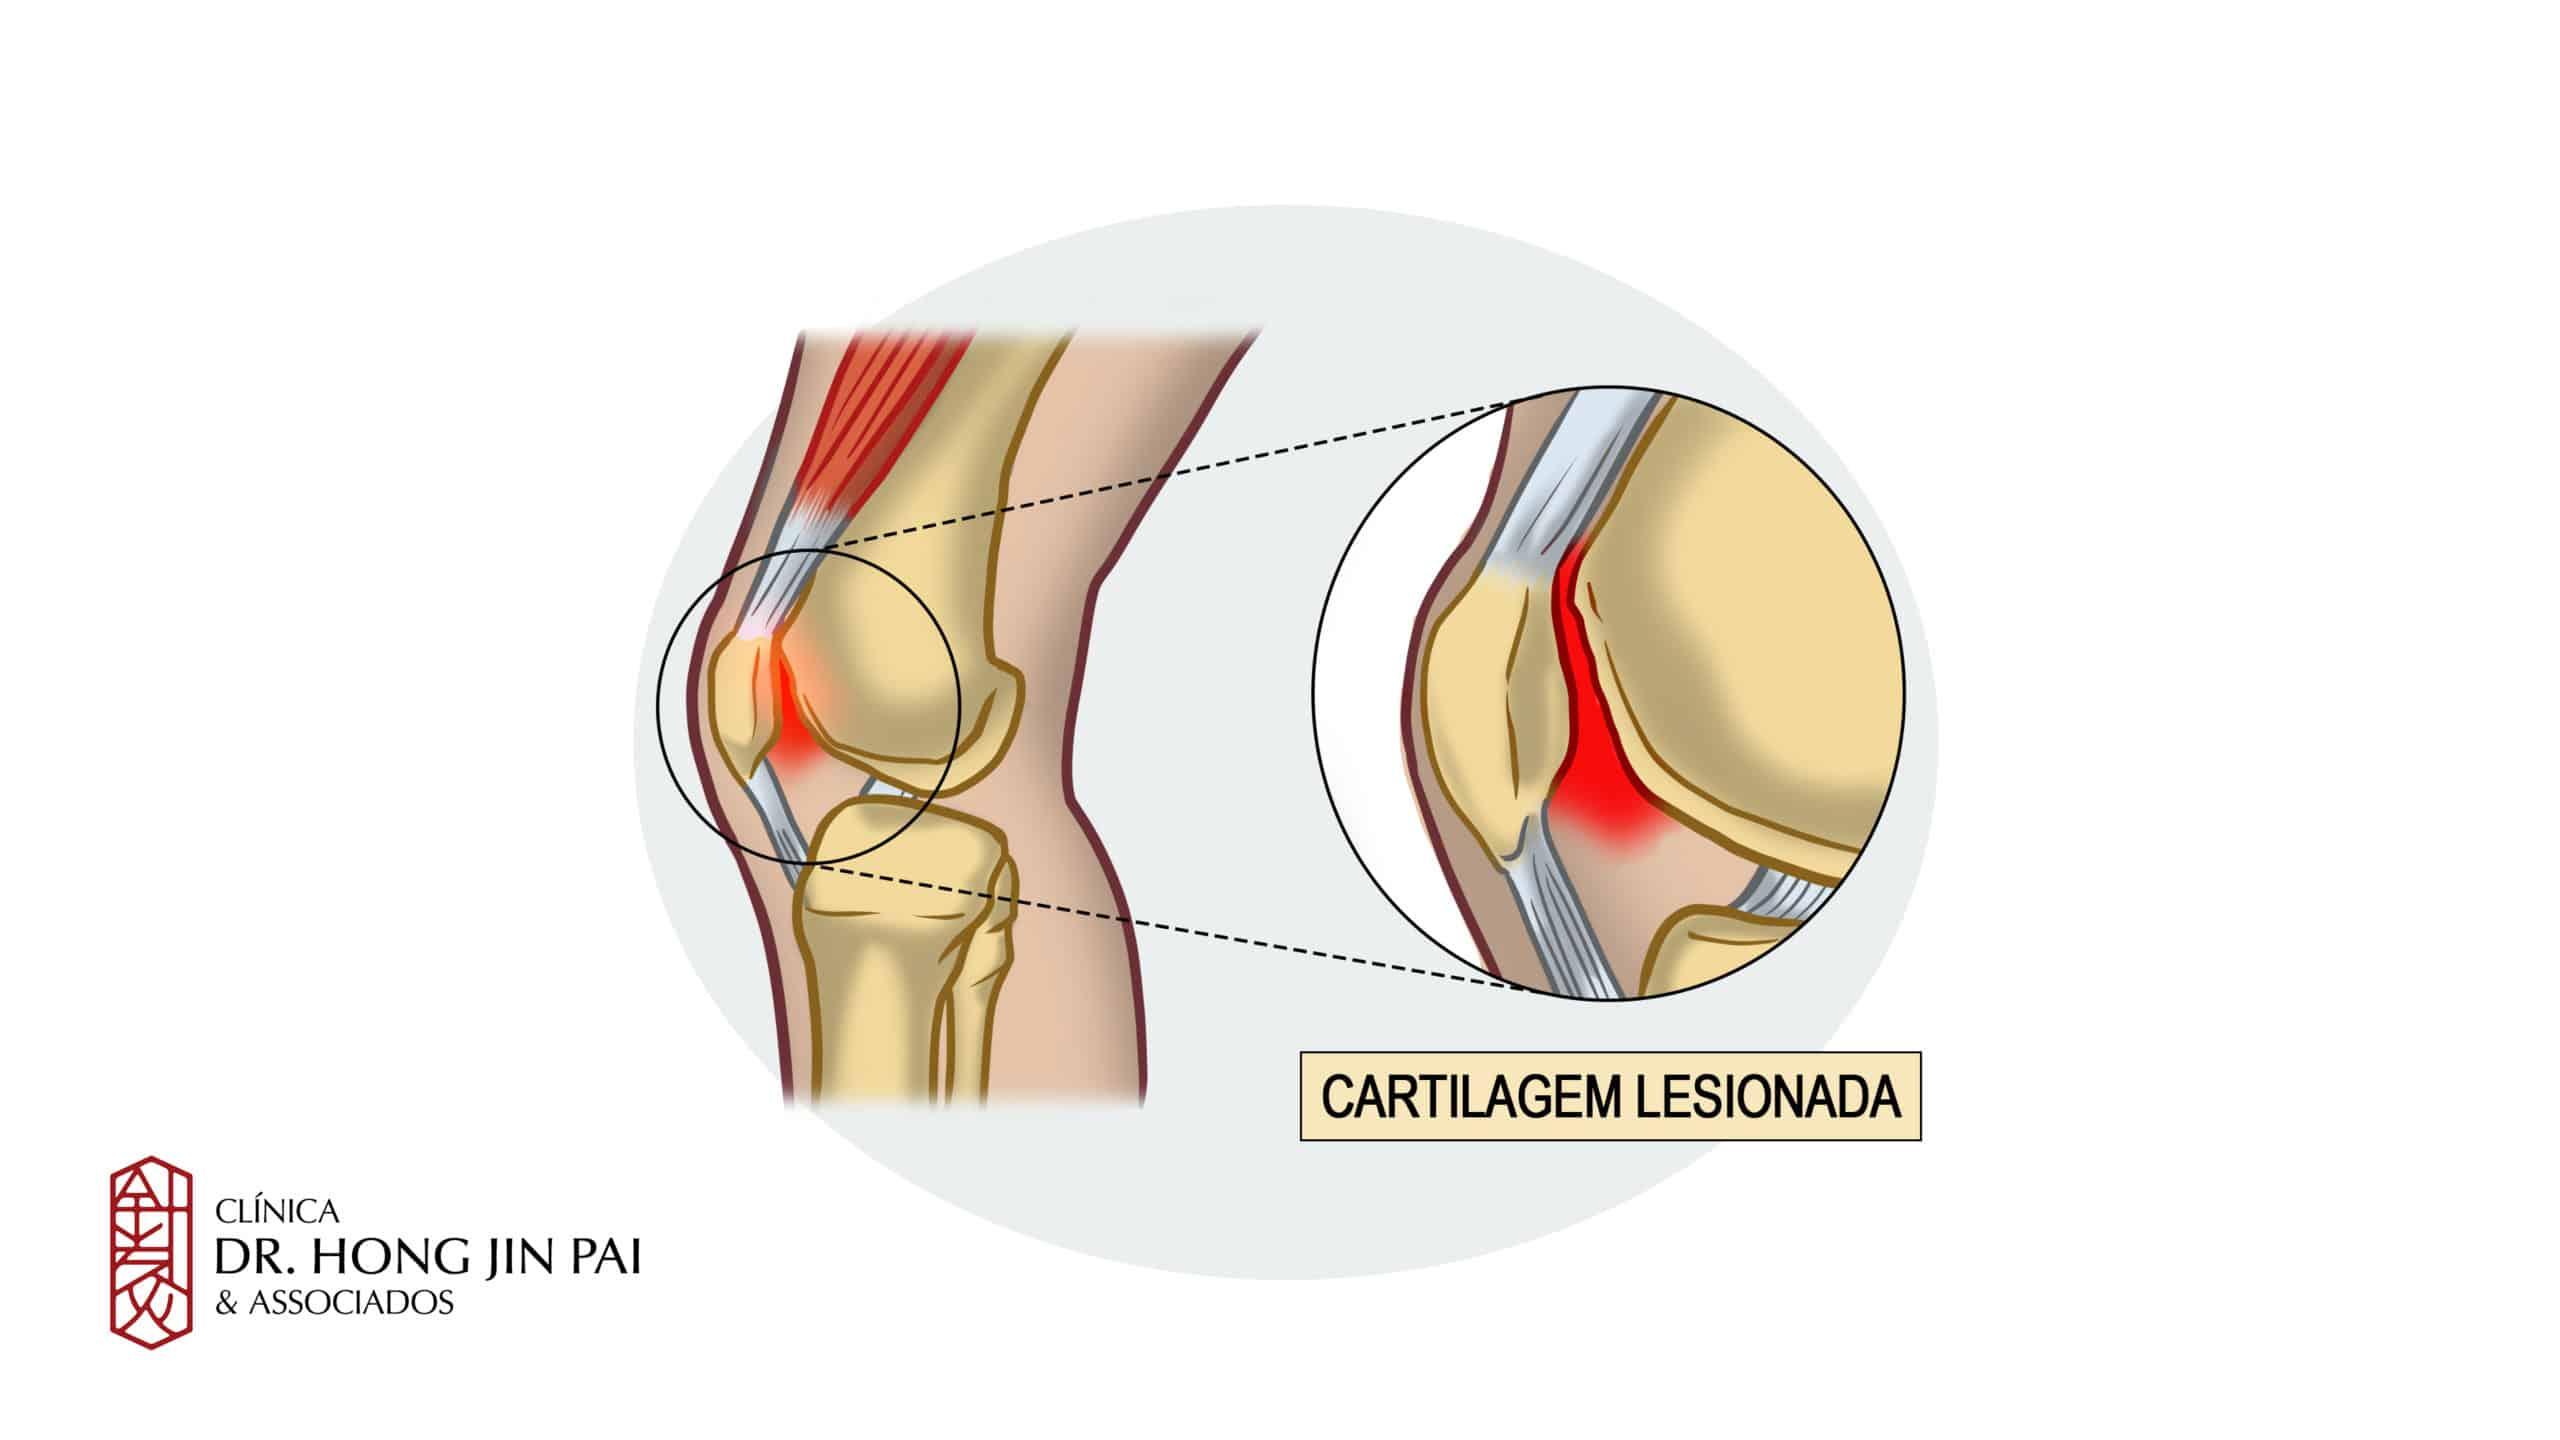 Os principais sintomas da condromalacia patelar são: Dor no joelho ao subir e descer escadas, correr ou levantar-se da cadeira